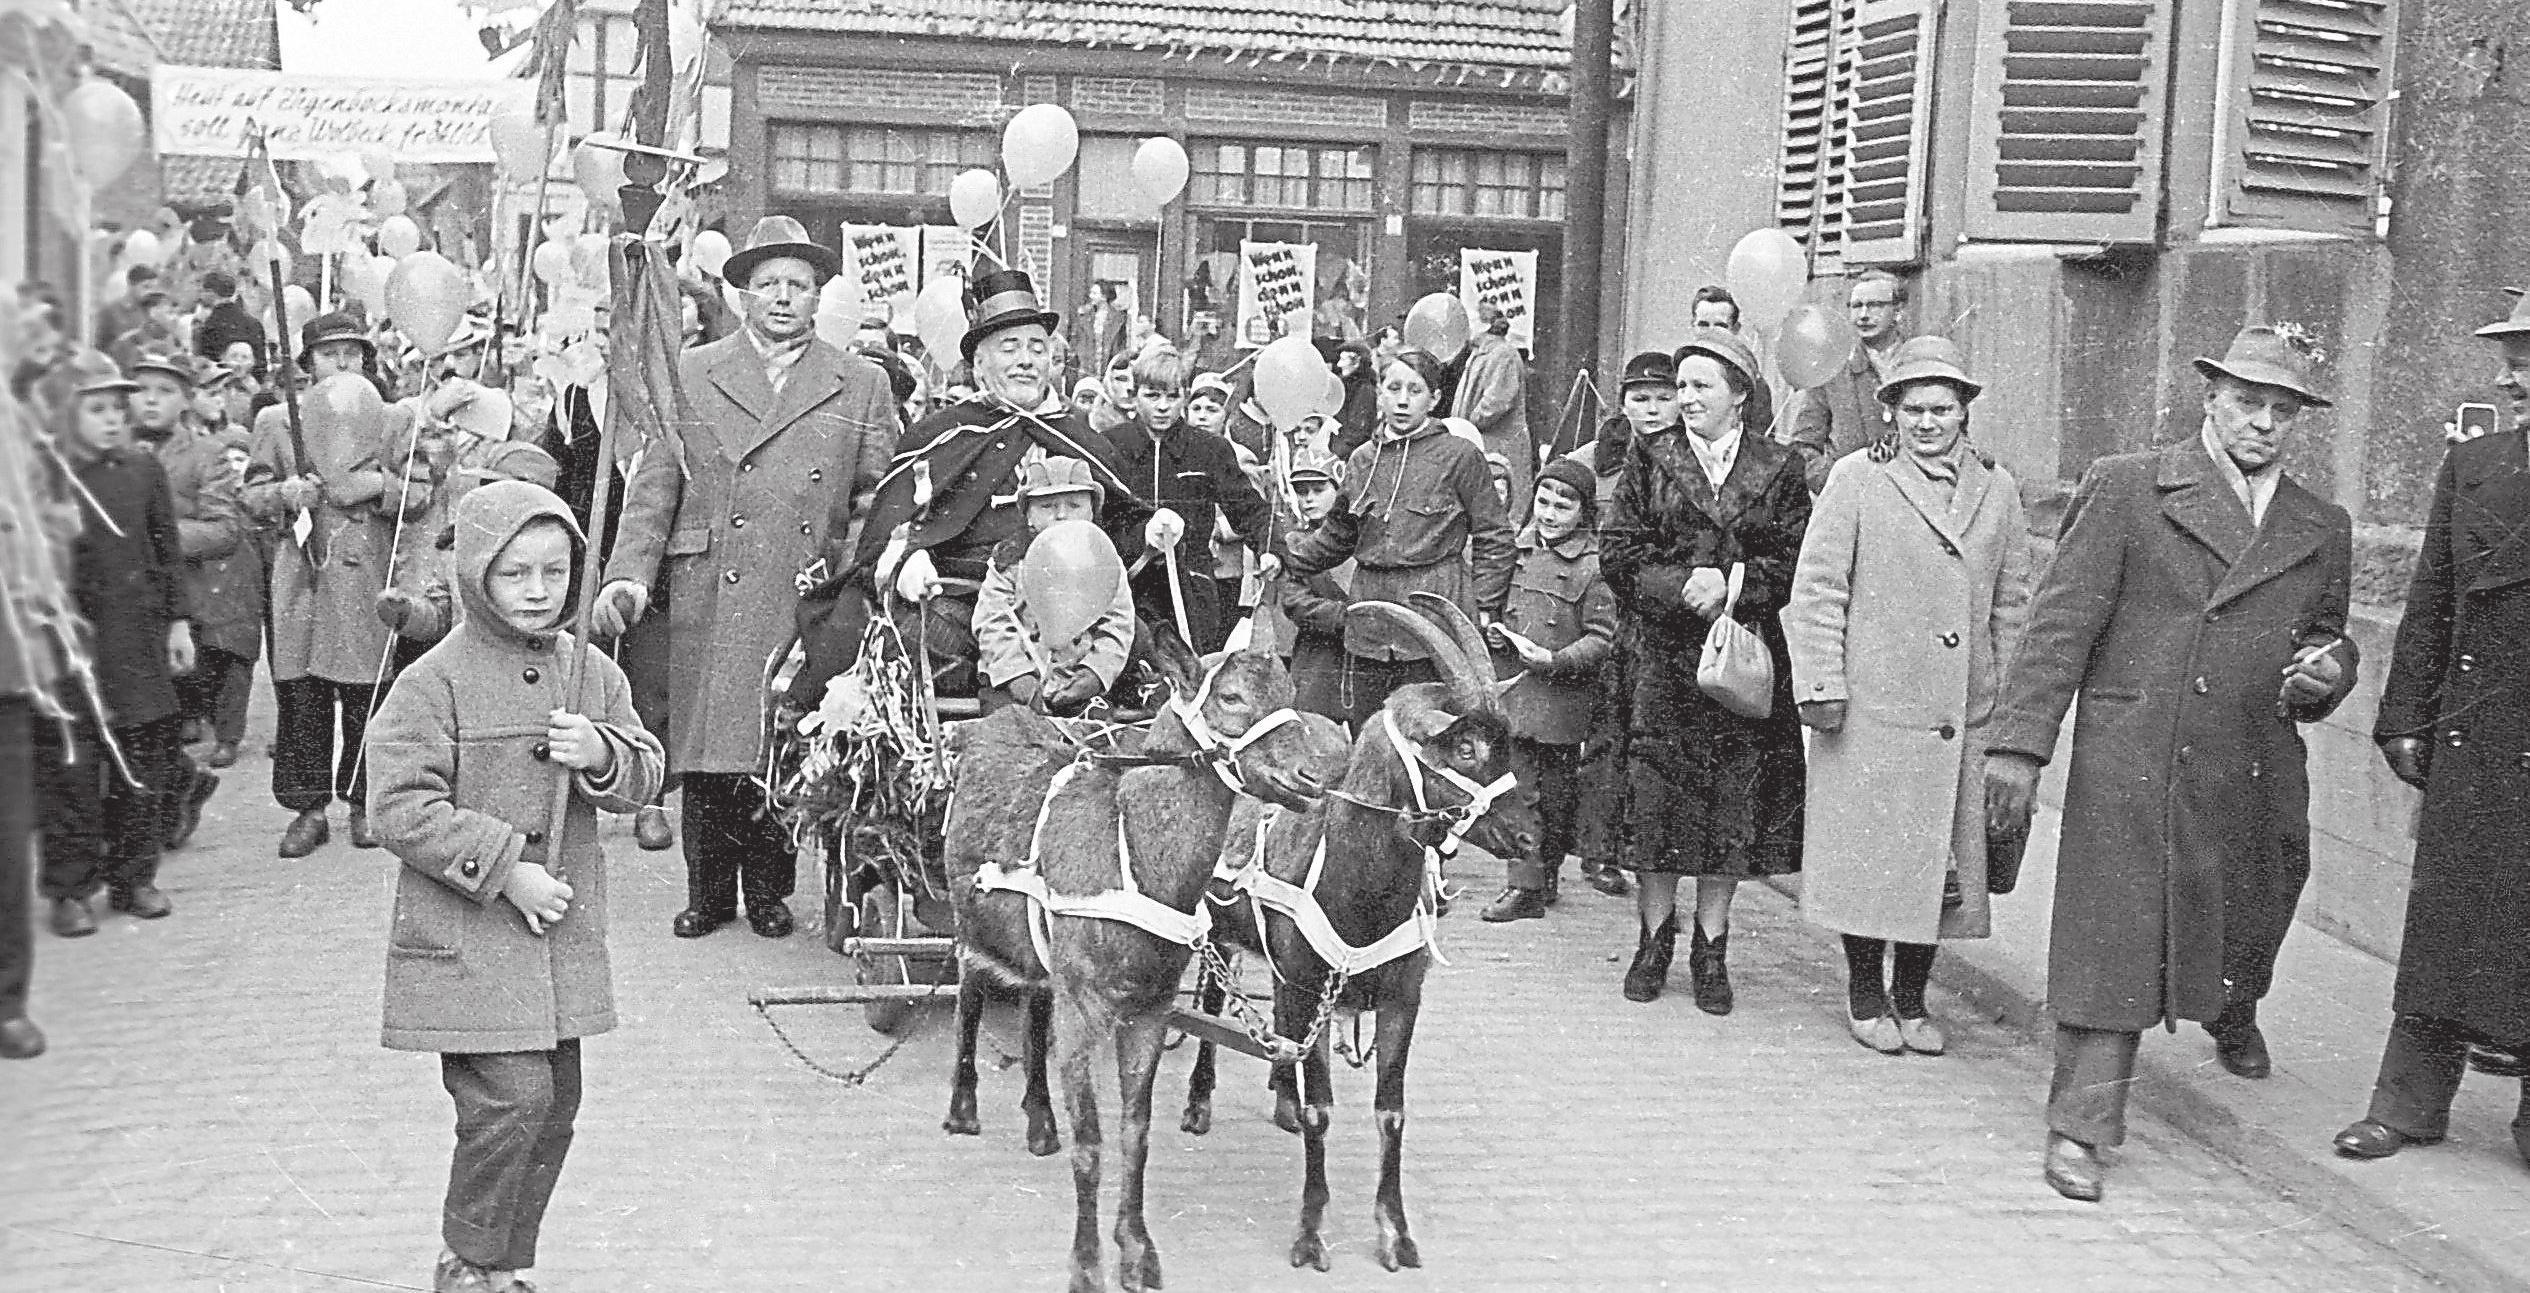 So sah der Ziegenbocksmontag in seinen Anfängen aus. Auch heute noch geht ein Ziegenbock als Maskottchen mit. Foto: ZiBoMo